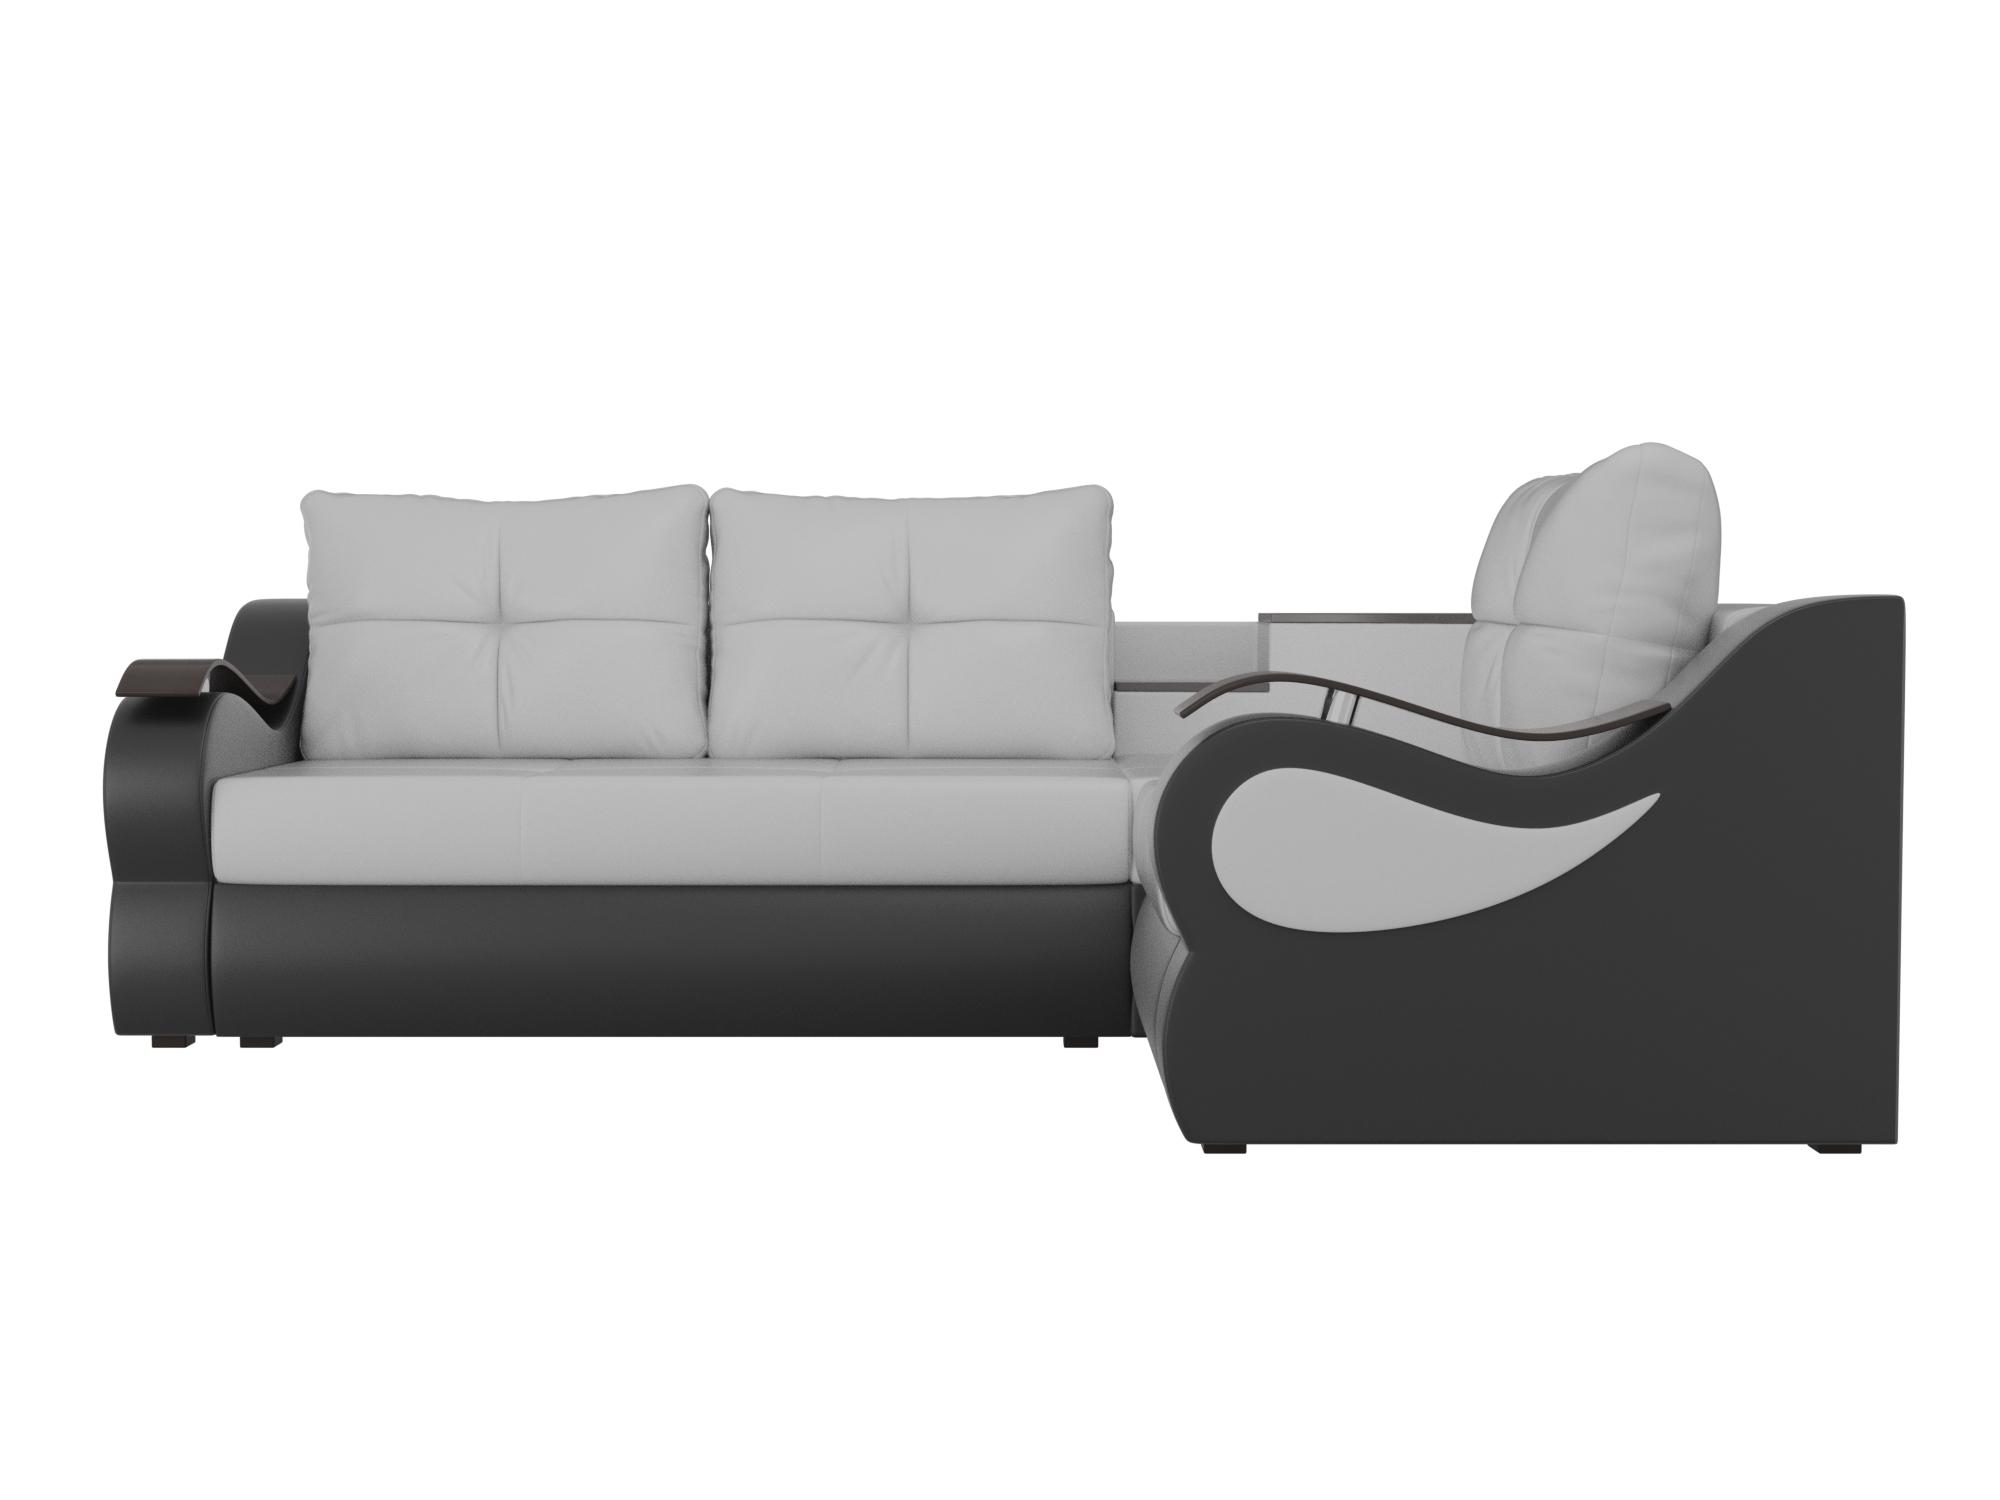 Угловой диван Митчелл Правый MebelVia Белый, Черный, Экокожа, ЛДСП Белый, Черный